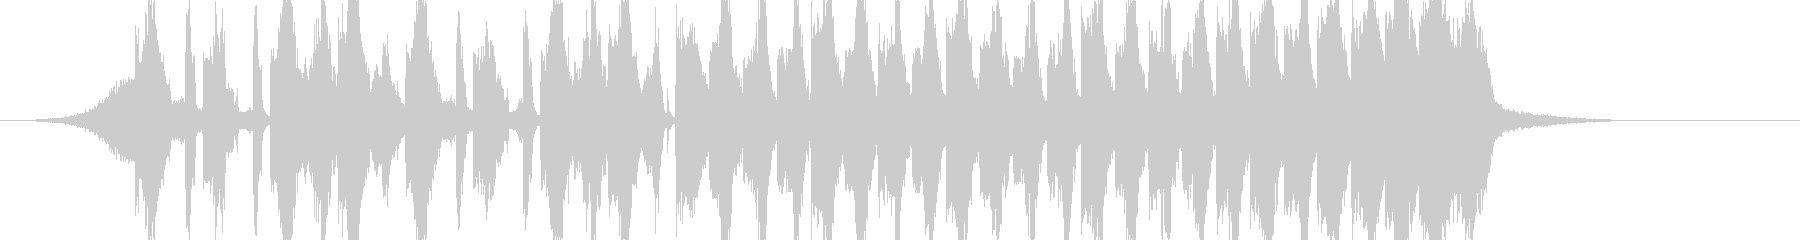 煽りEDM アイネクライネ イントロの未再生の波形